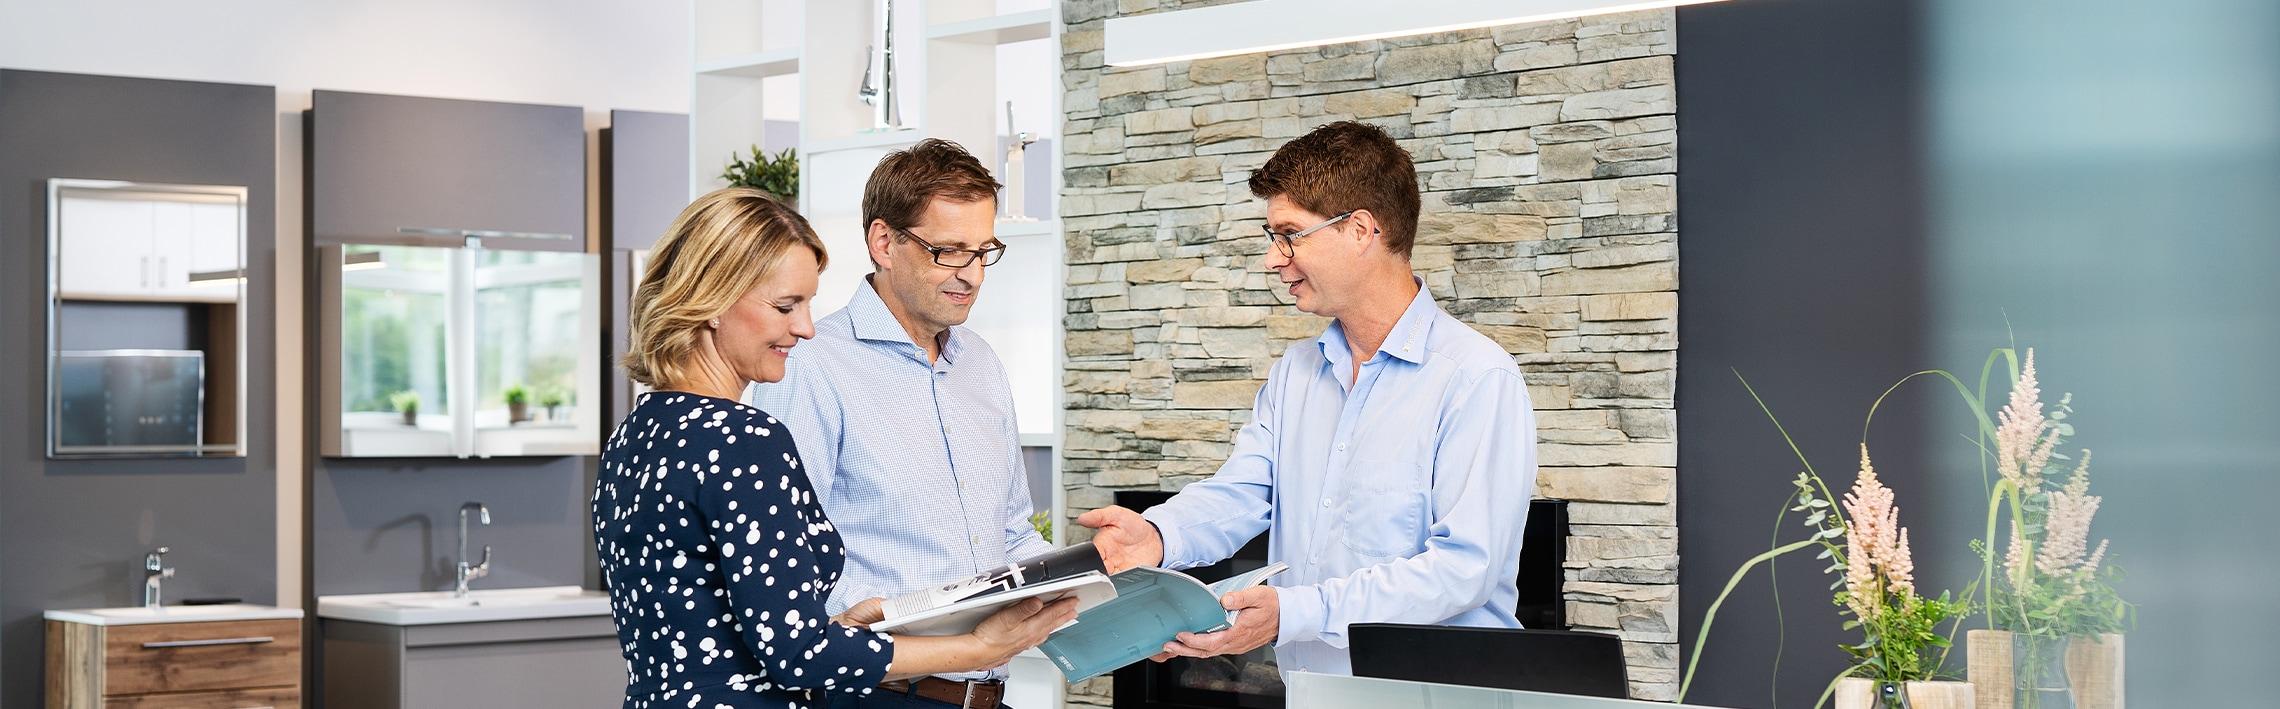 Zu sehen sind Kunden und der Geschäftsführer im hellblauen Hemd. Ein Ehepaar lässt sich gerade in den hellen, modernen Geschäftsräumen von Wolfgang Reichert persönlich beraten über eine Badsanierung und Heizungssanierung. Die blonde Frau blättert gerade in einer Broschüre.